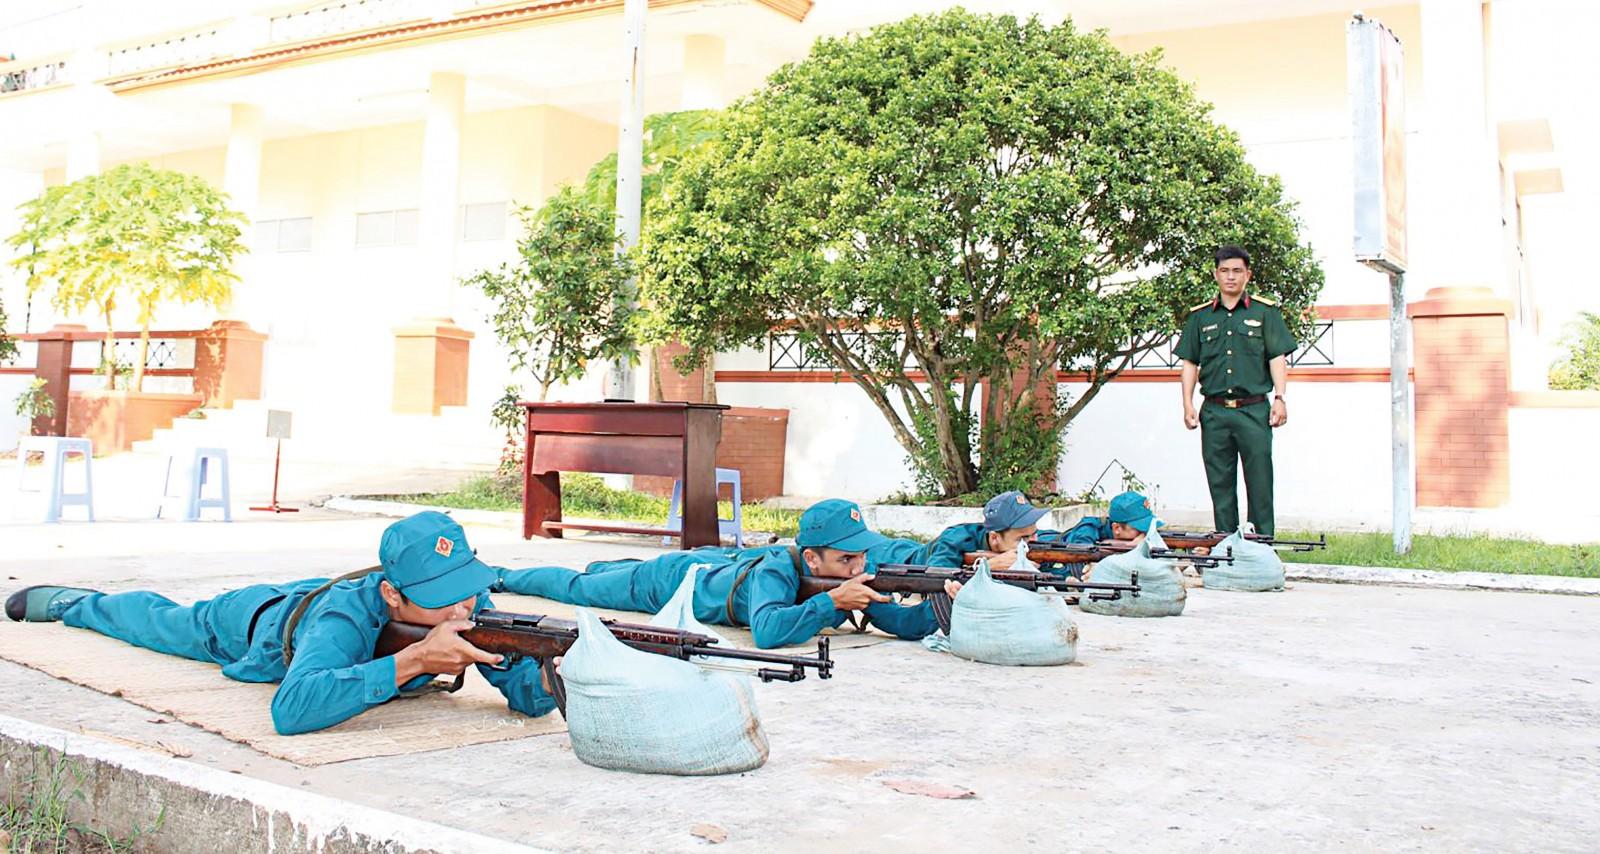 Dân quân năm thứ nhất huyện Phong Điền thi đua trong huấn luyện. Ảnh: PHẠM TRUNG